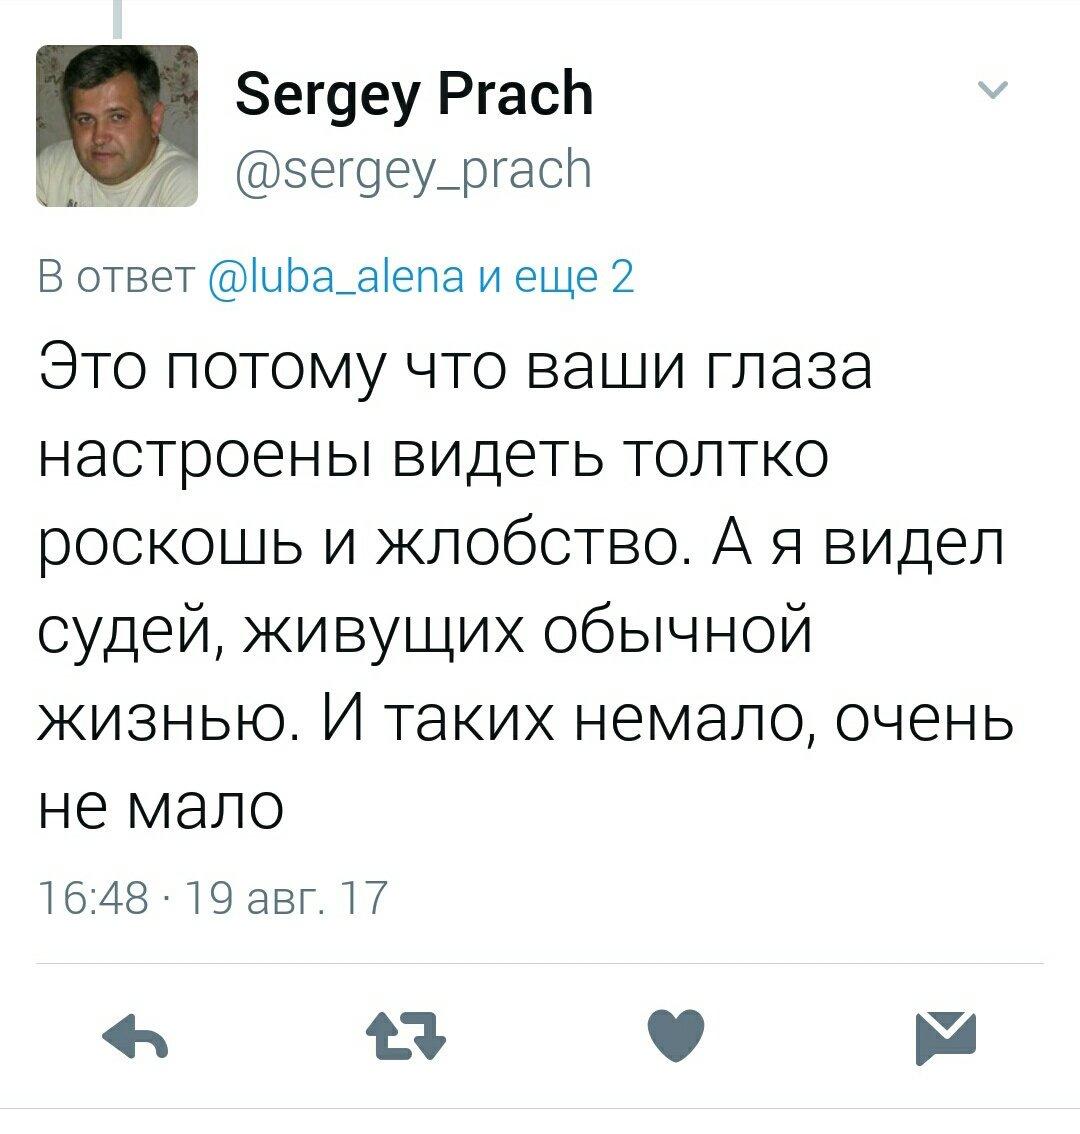 Заявление Порошенко в Раде о 90% обновления Верховного Суда - чудовищная ложь, - юрист Маслов - Цензор.НЕТ 405